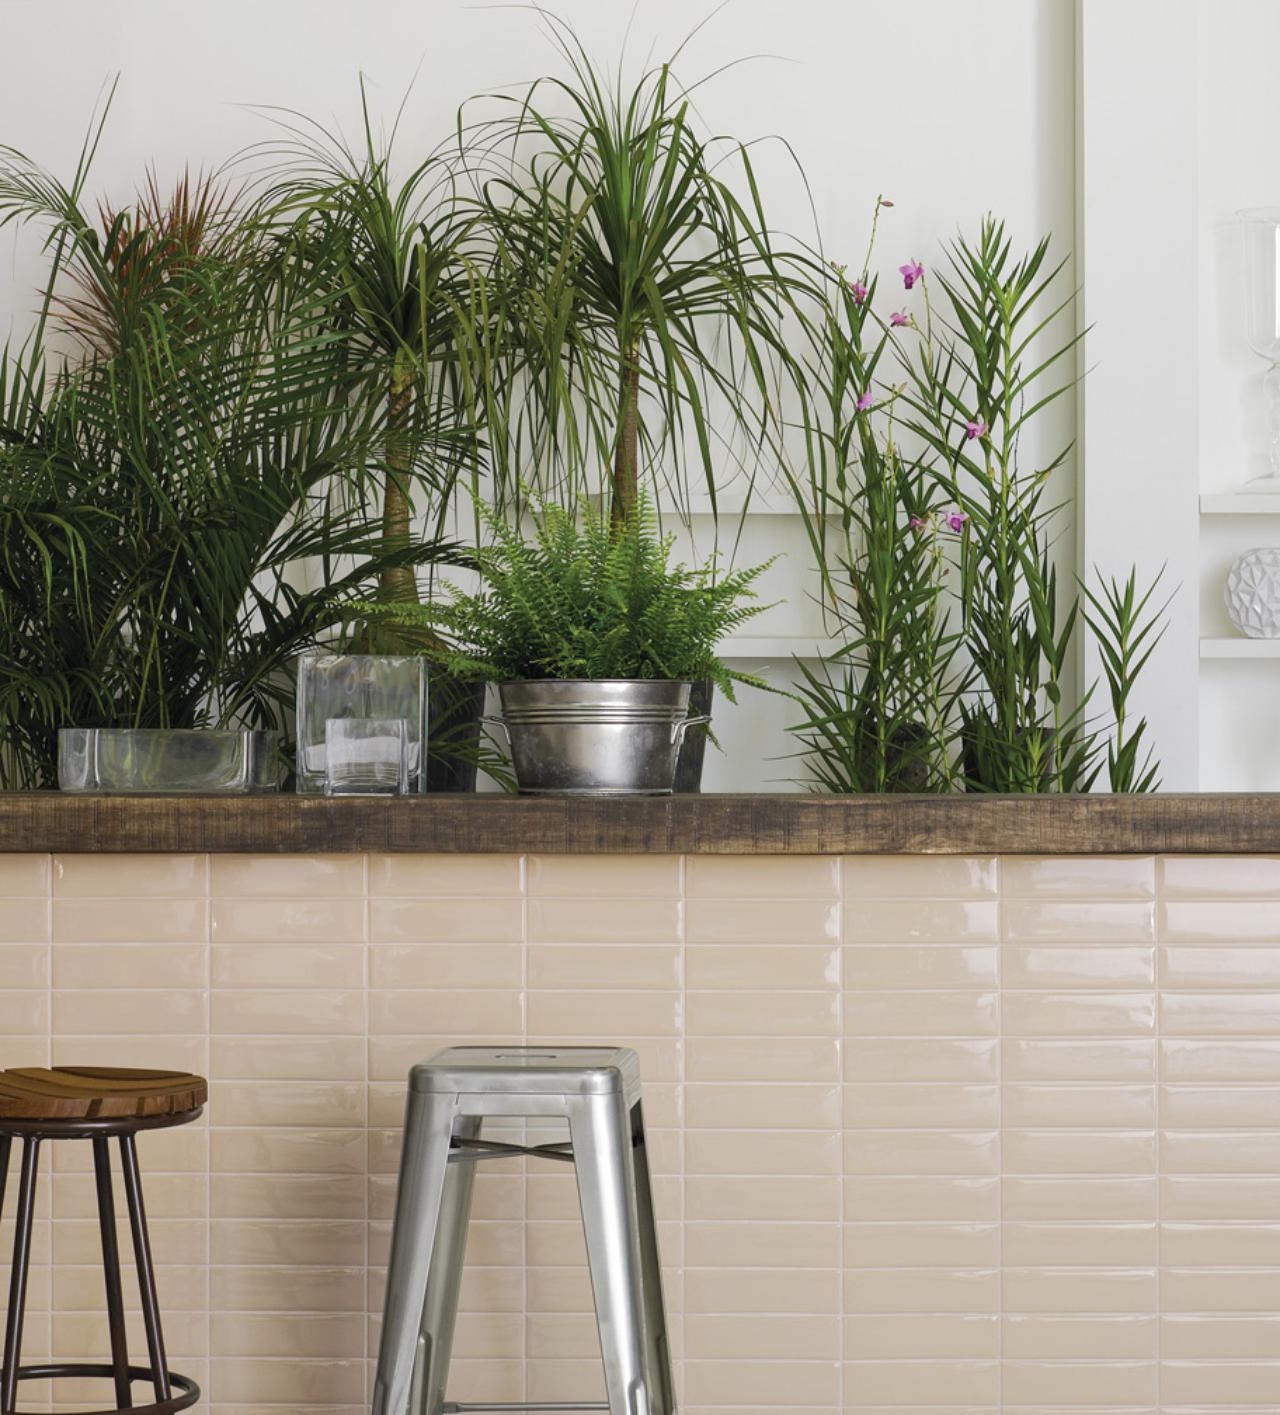 Liverpool_Concreto Apparente #tile #kitchen #white